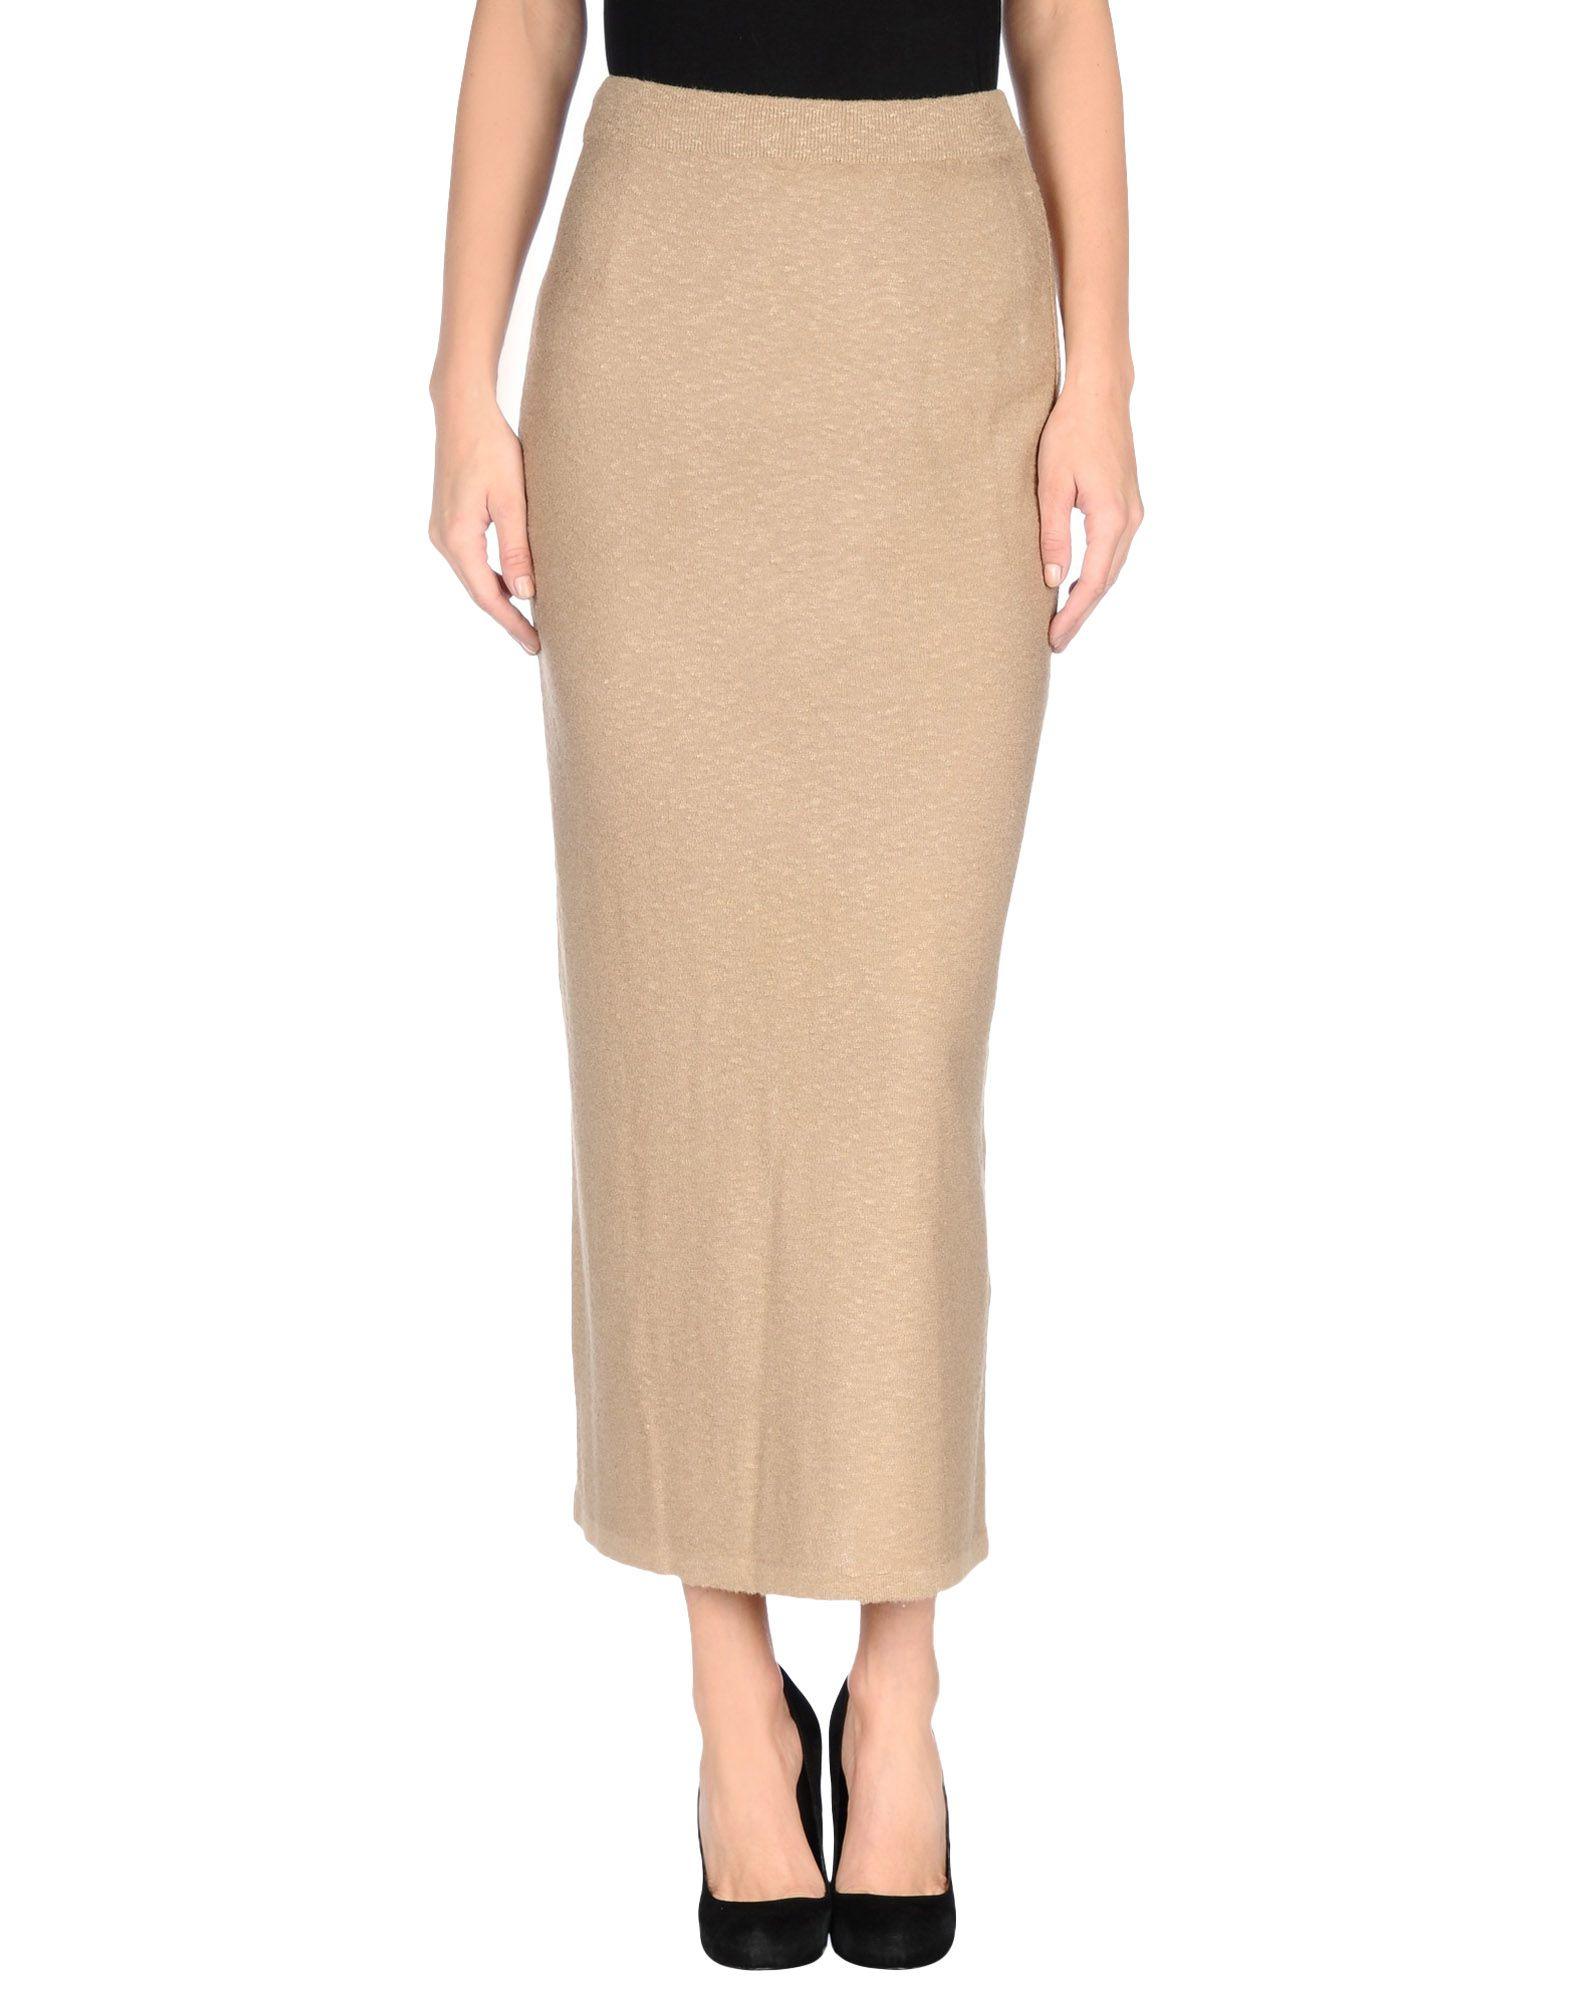 Long Beige Skirt 86